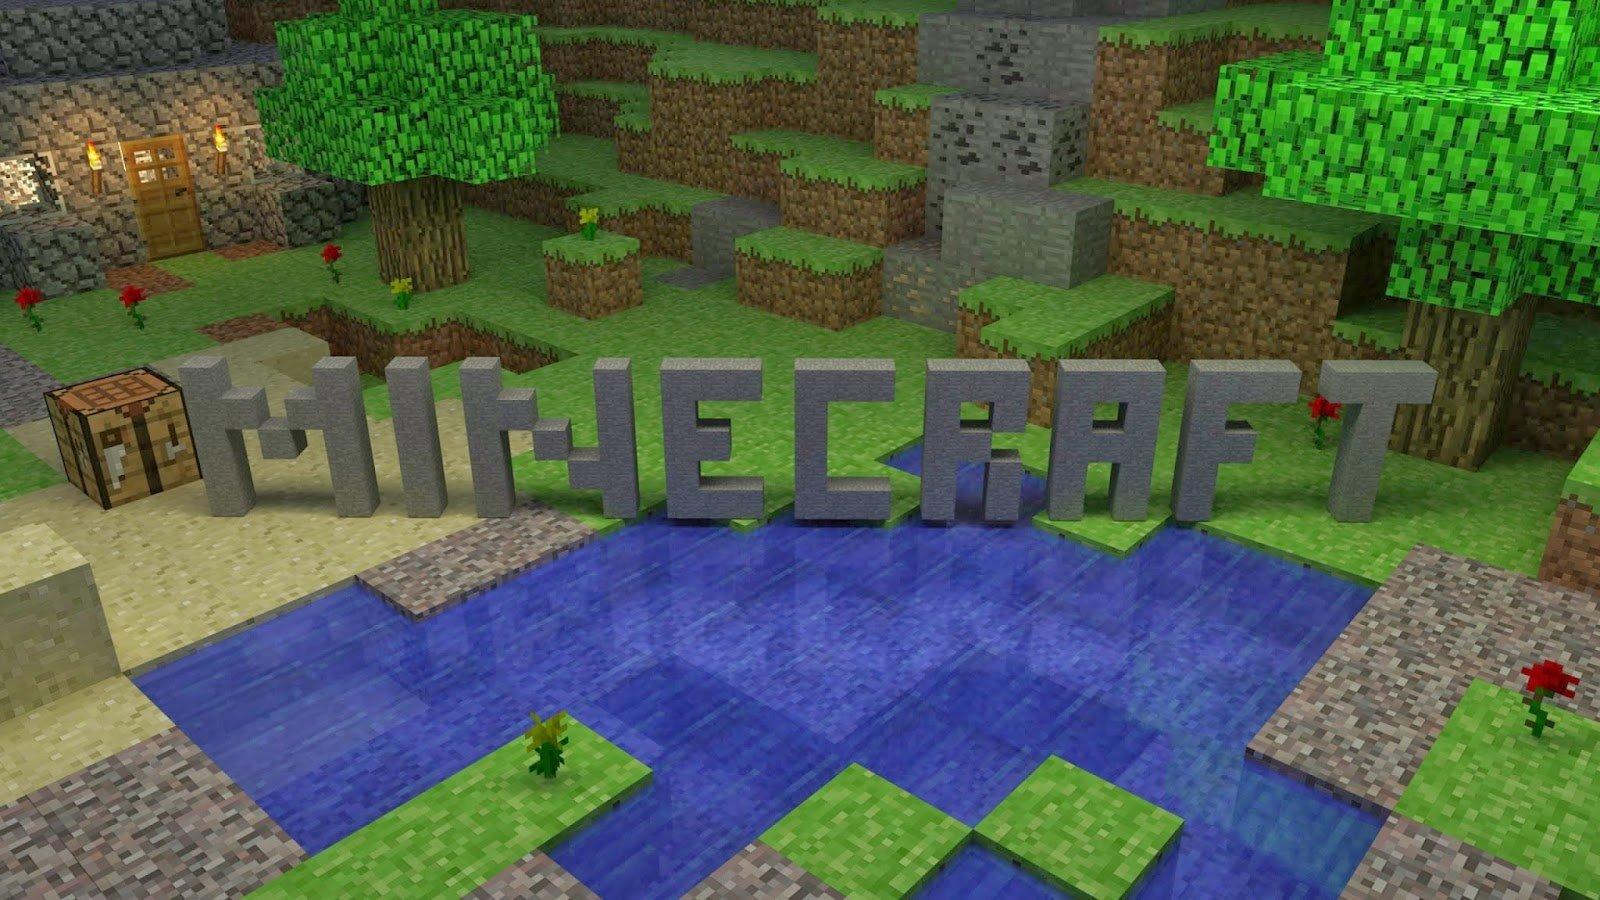 youtube o de minecraft este es un nuevo blog de lo que trata minecraft 1600x900